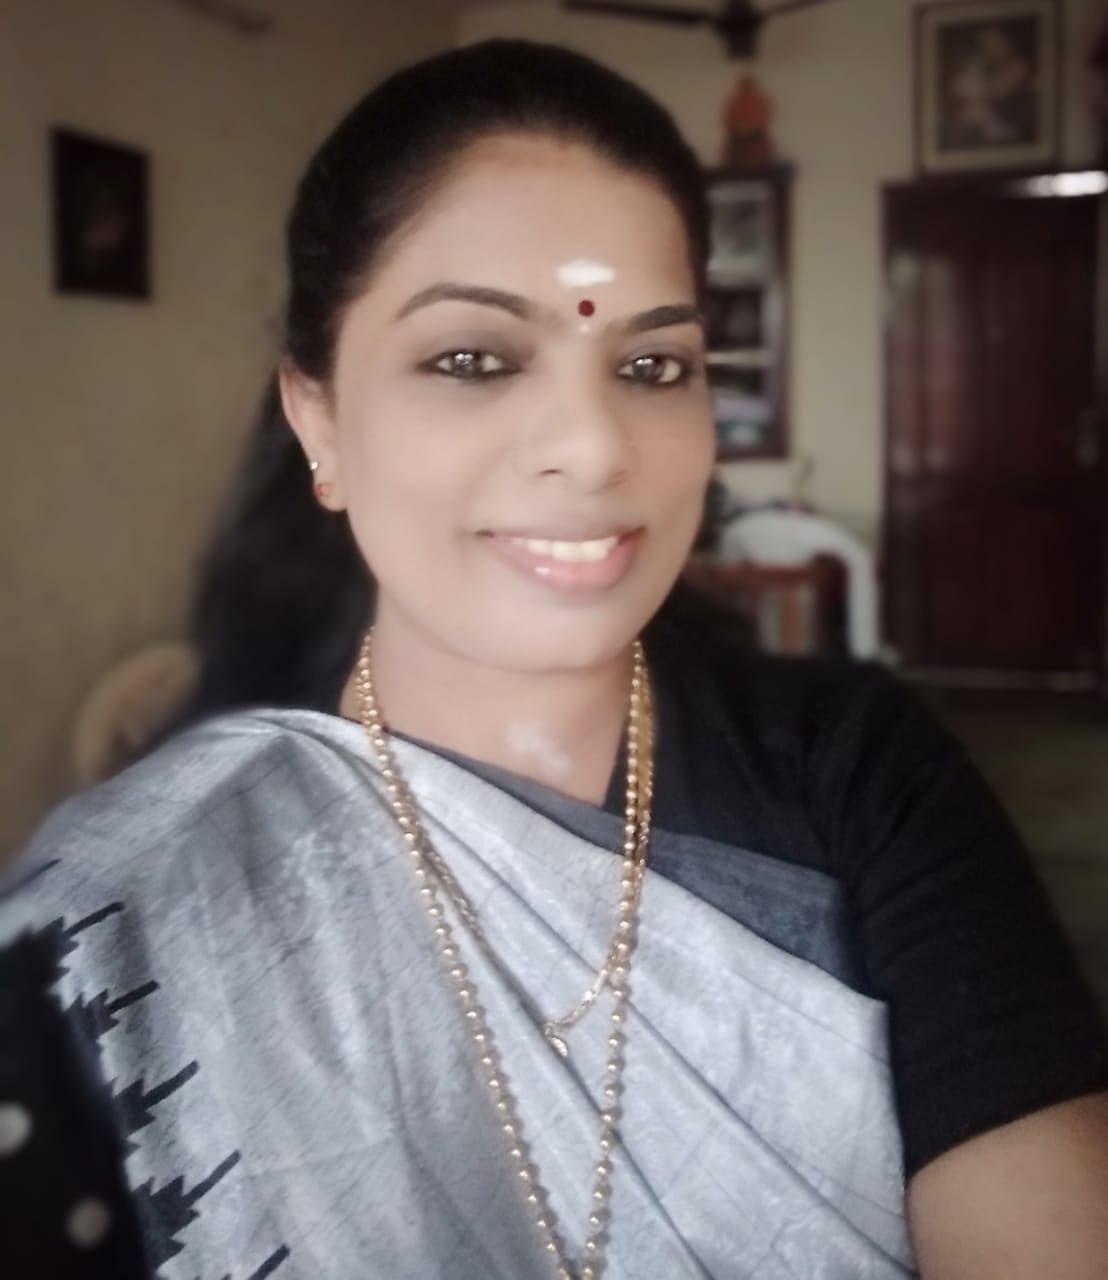 அ.தி.மு.க செய்தித் தொடர்பாளர் சிவசங்கரி